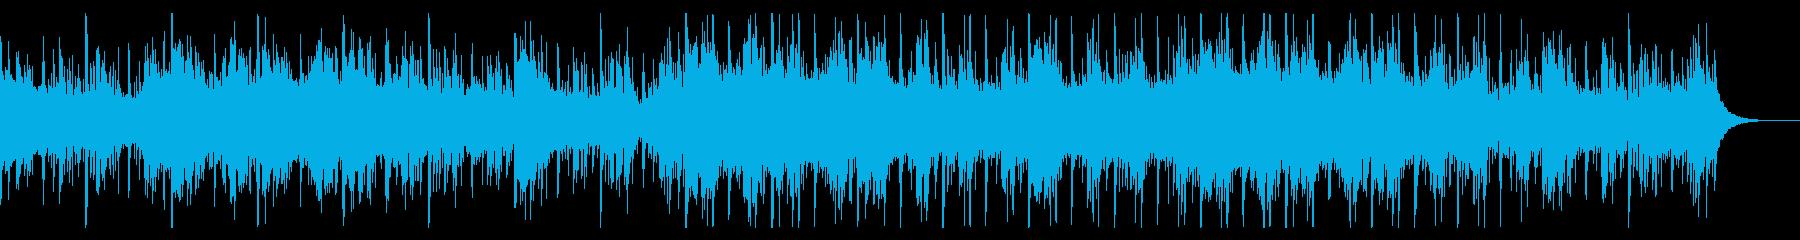 不可思議なシネマティックテクスチャの再生済みの波形